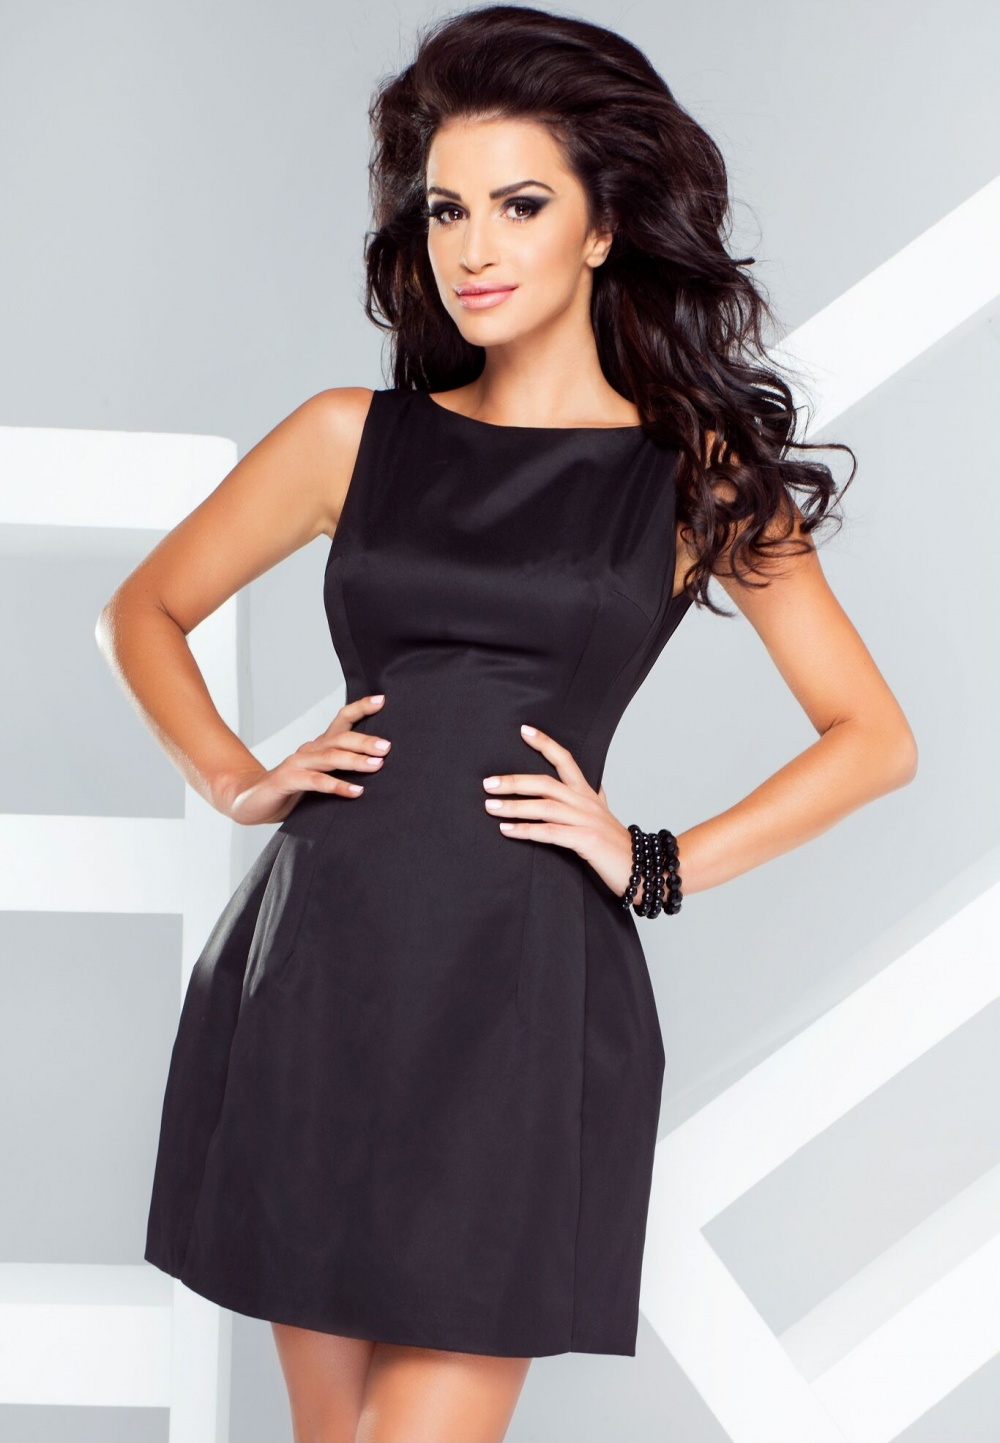 IVON společenské šaty MM-86888 černá Velikost: 40